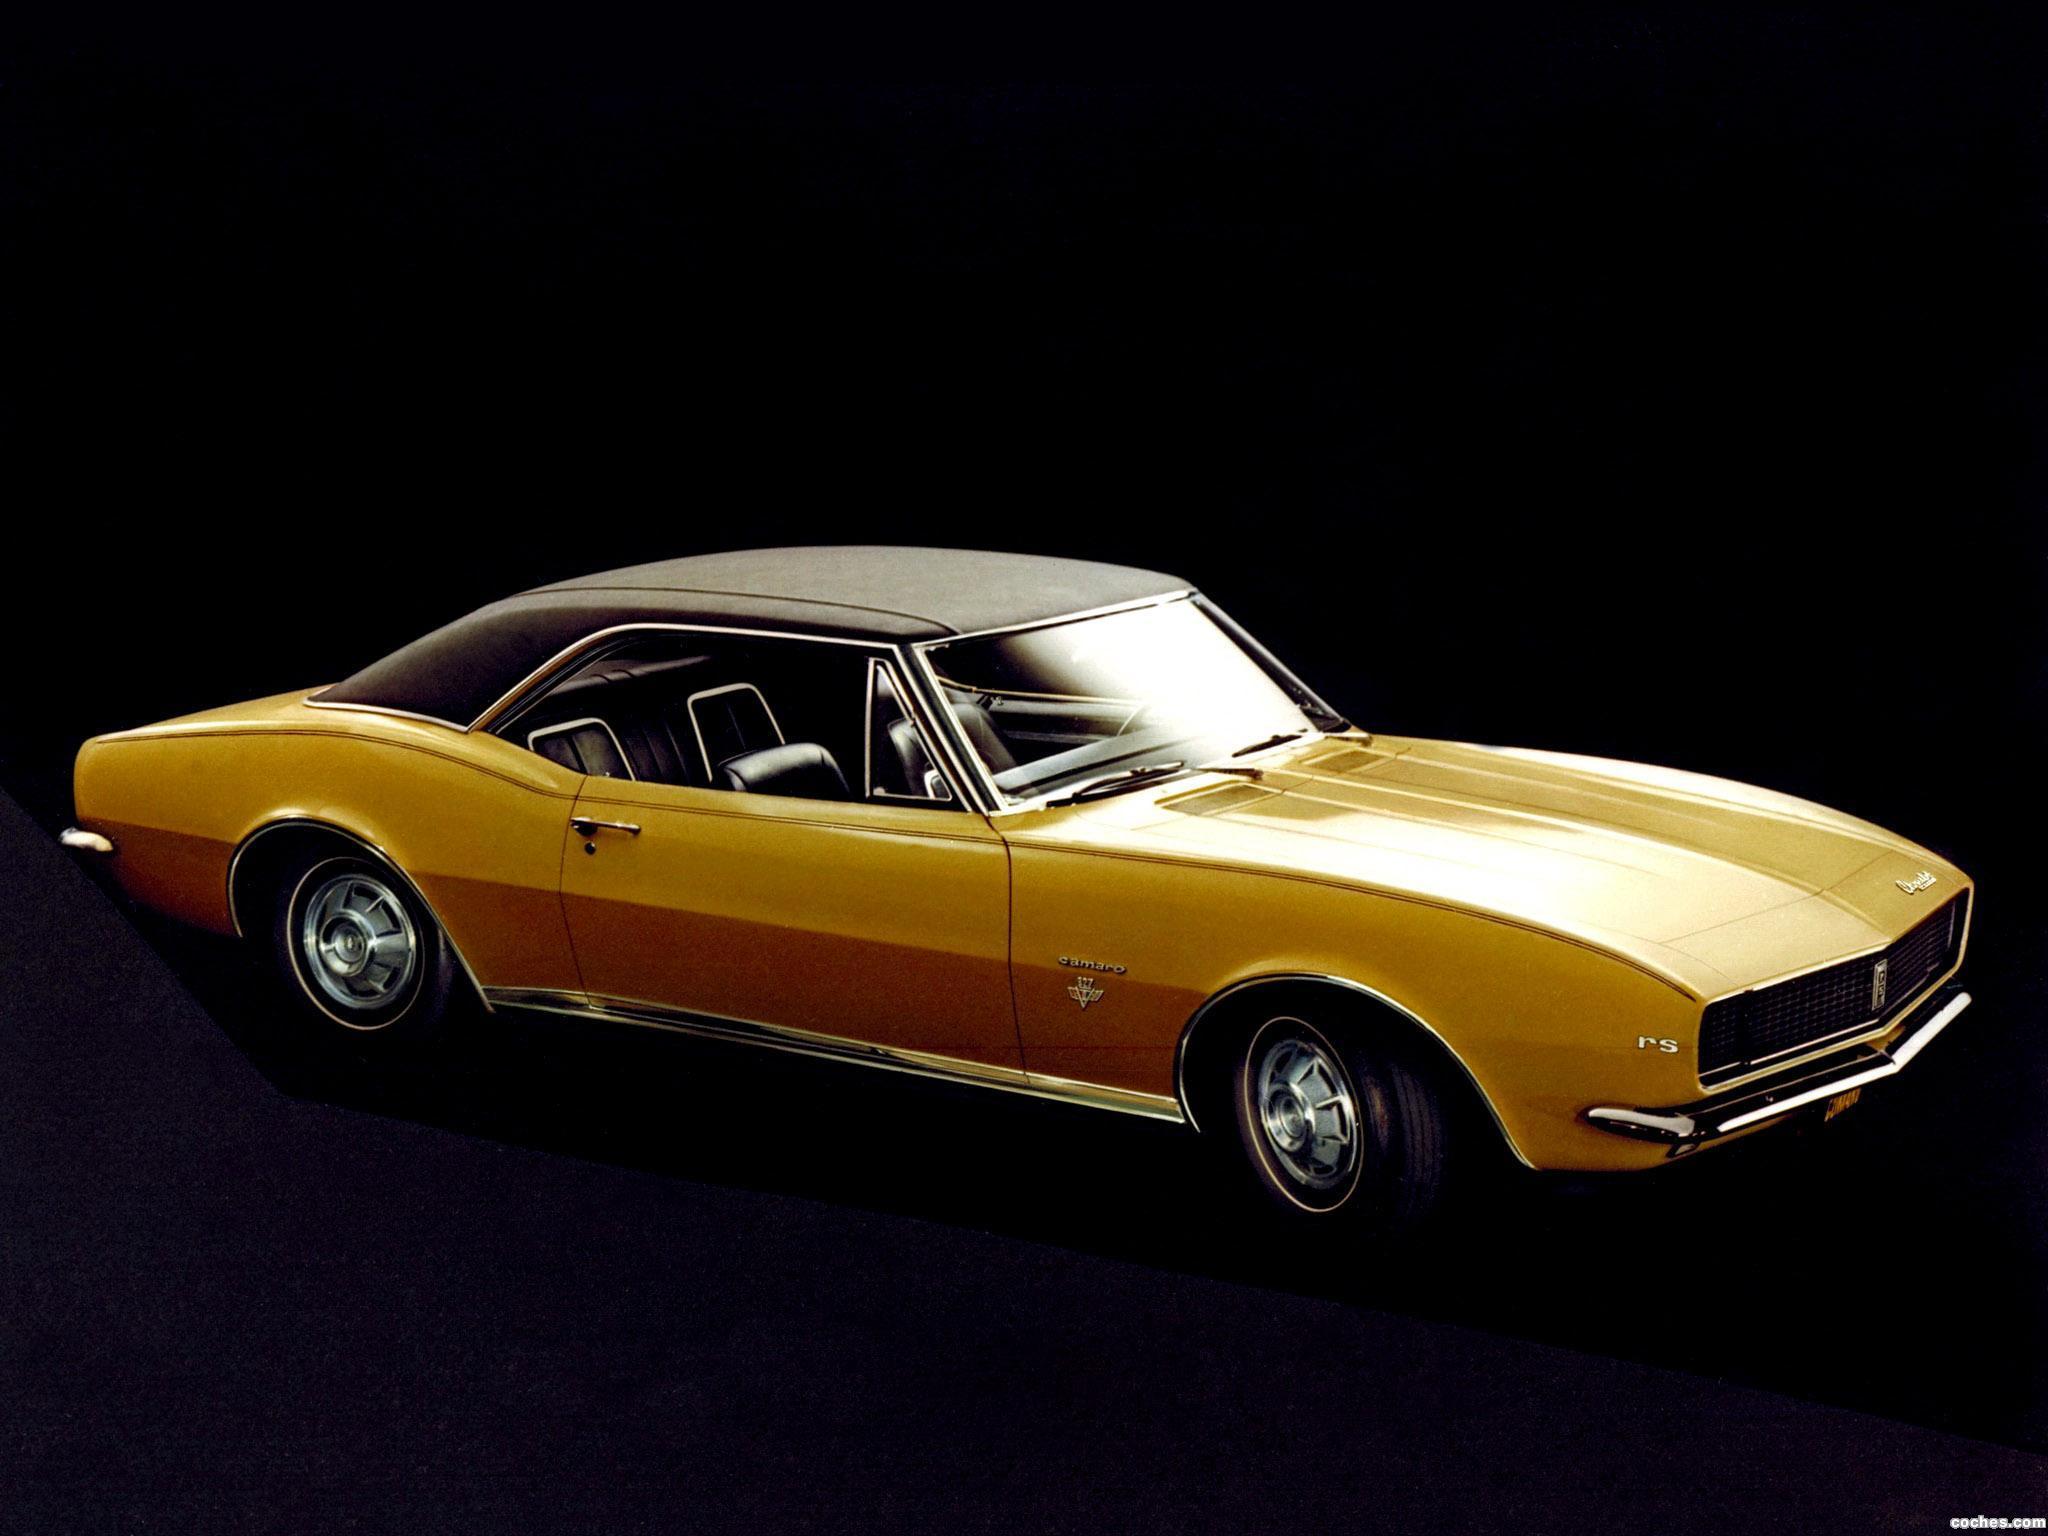 Foto 0 de Chevrolet Camaro RS 1967